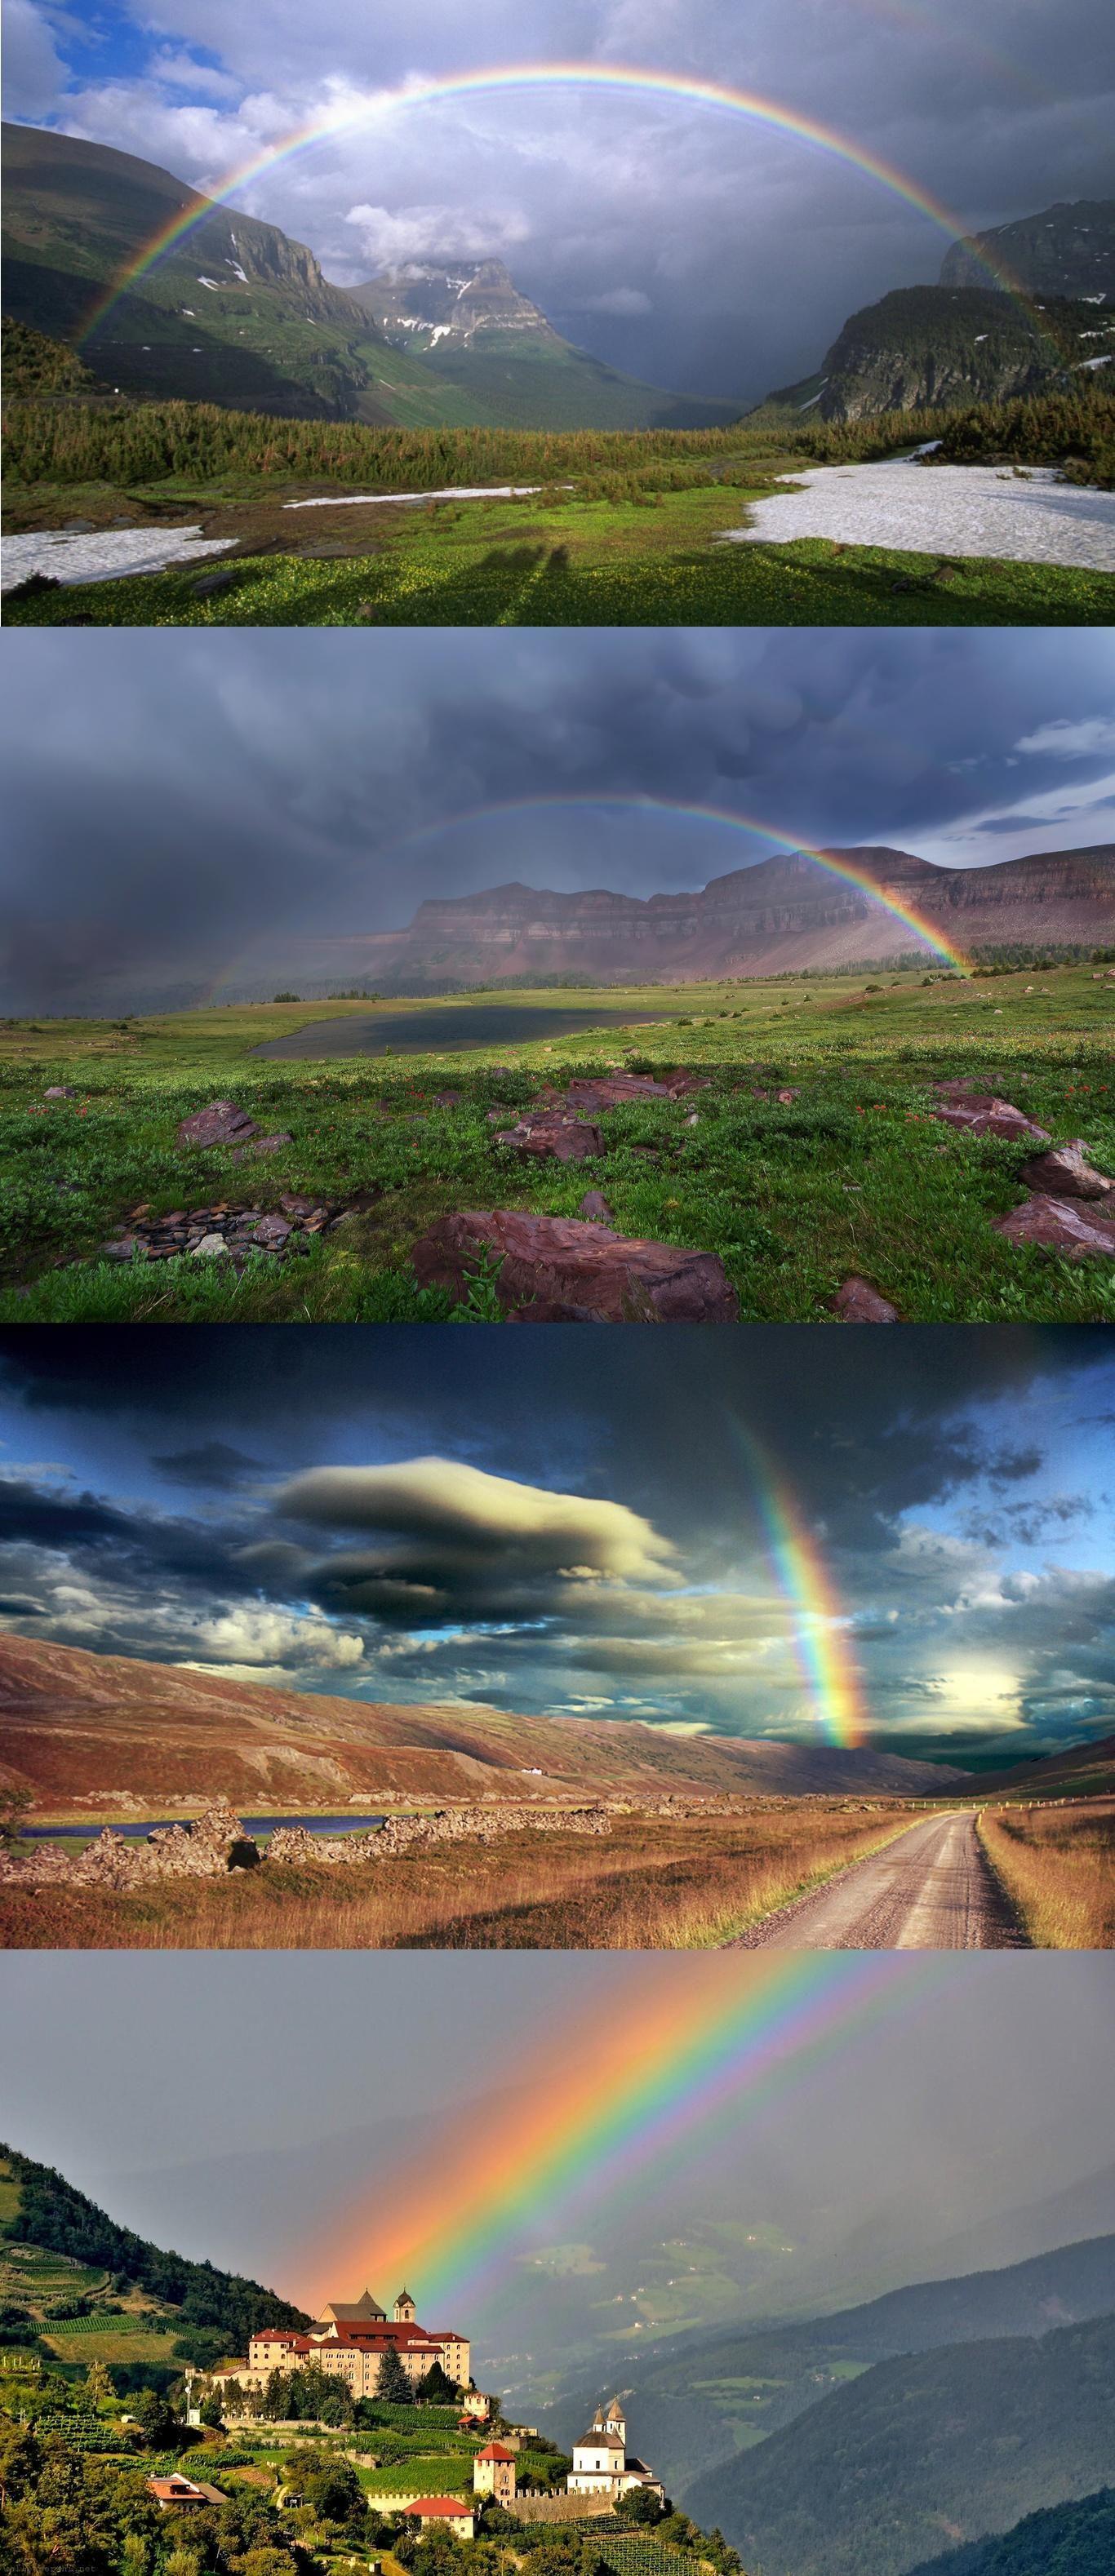 magical rainbow over mountain castle